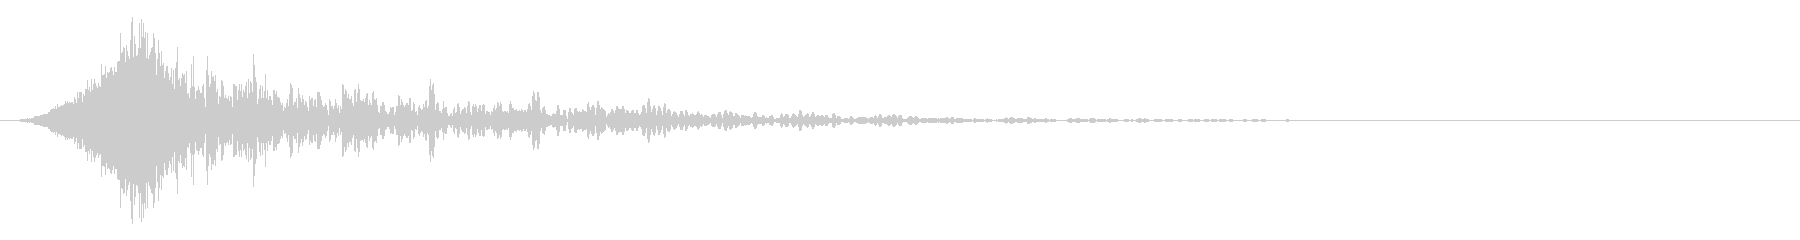 パワフルなフォースフーシュ1の未再生の波形